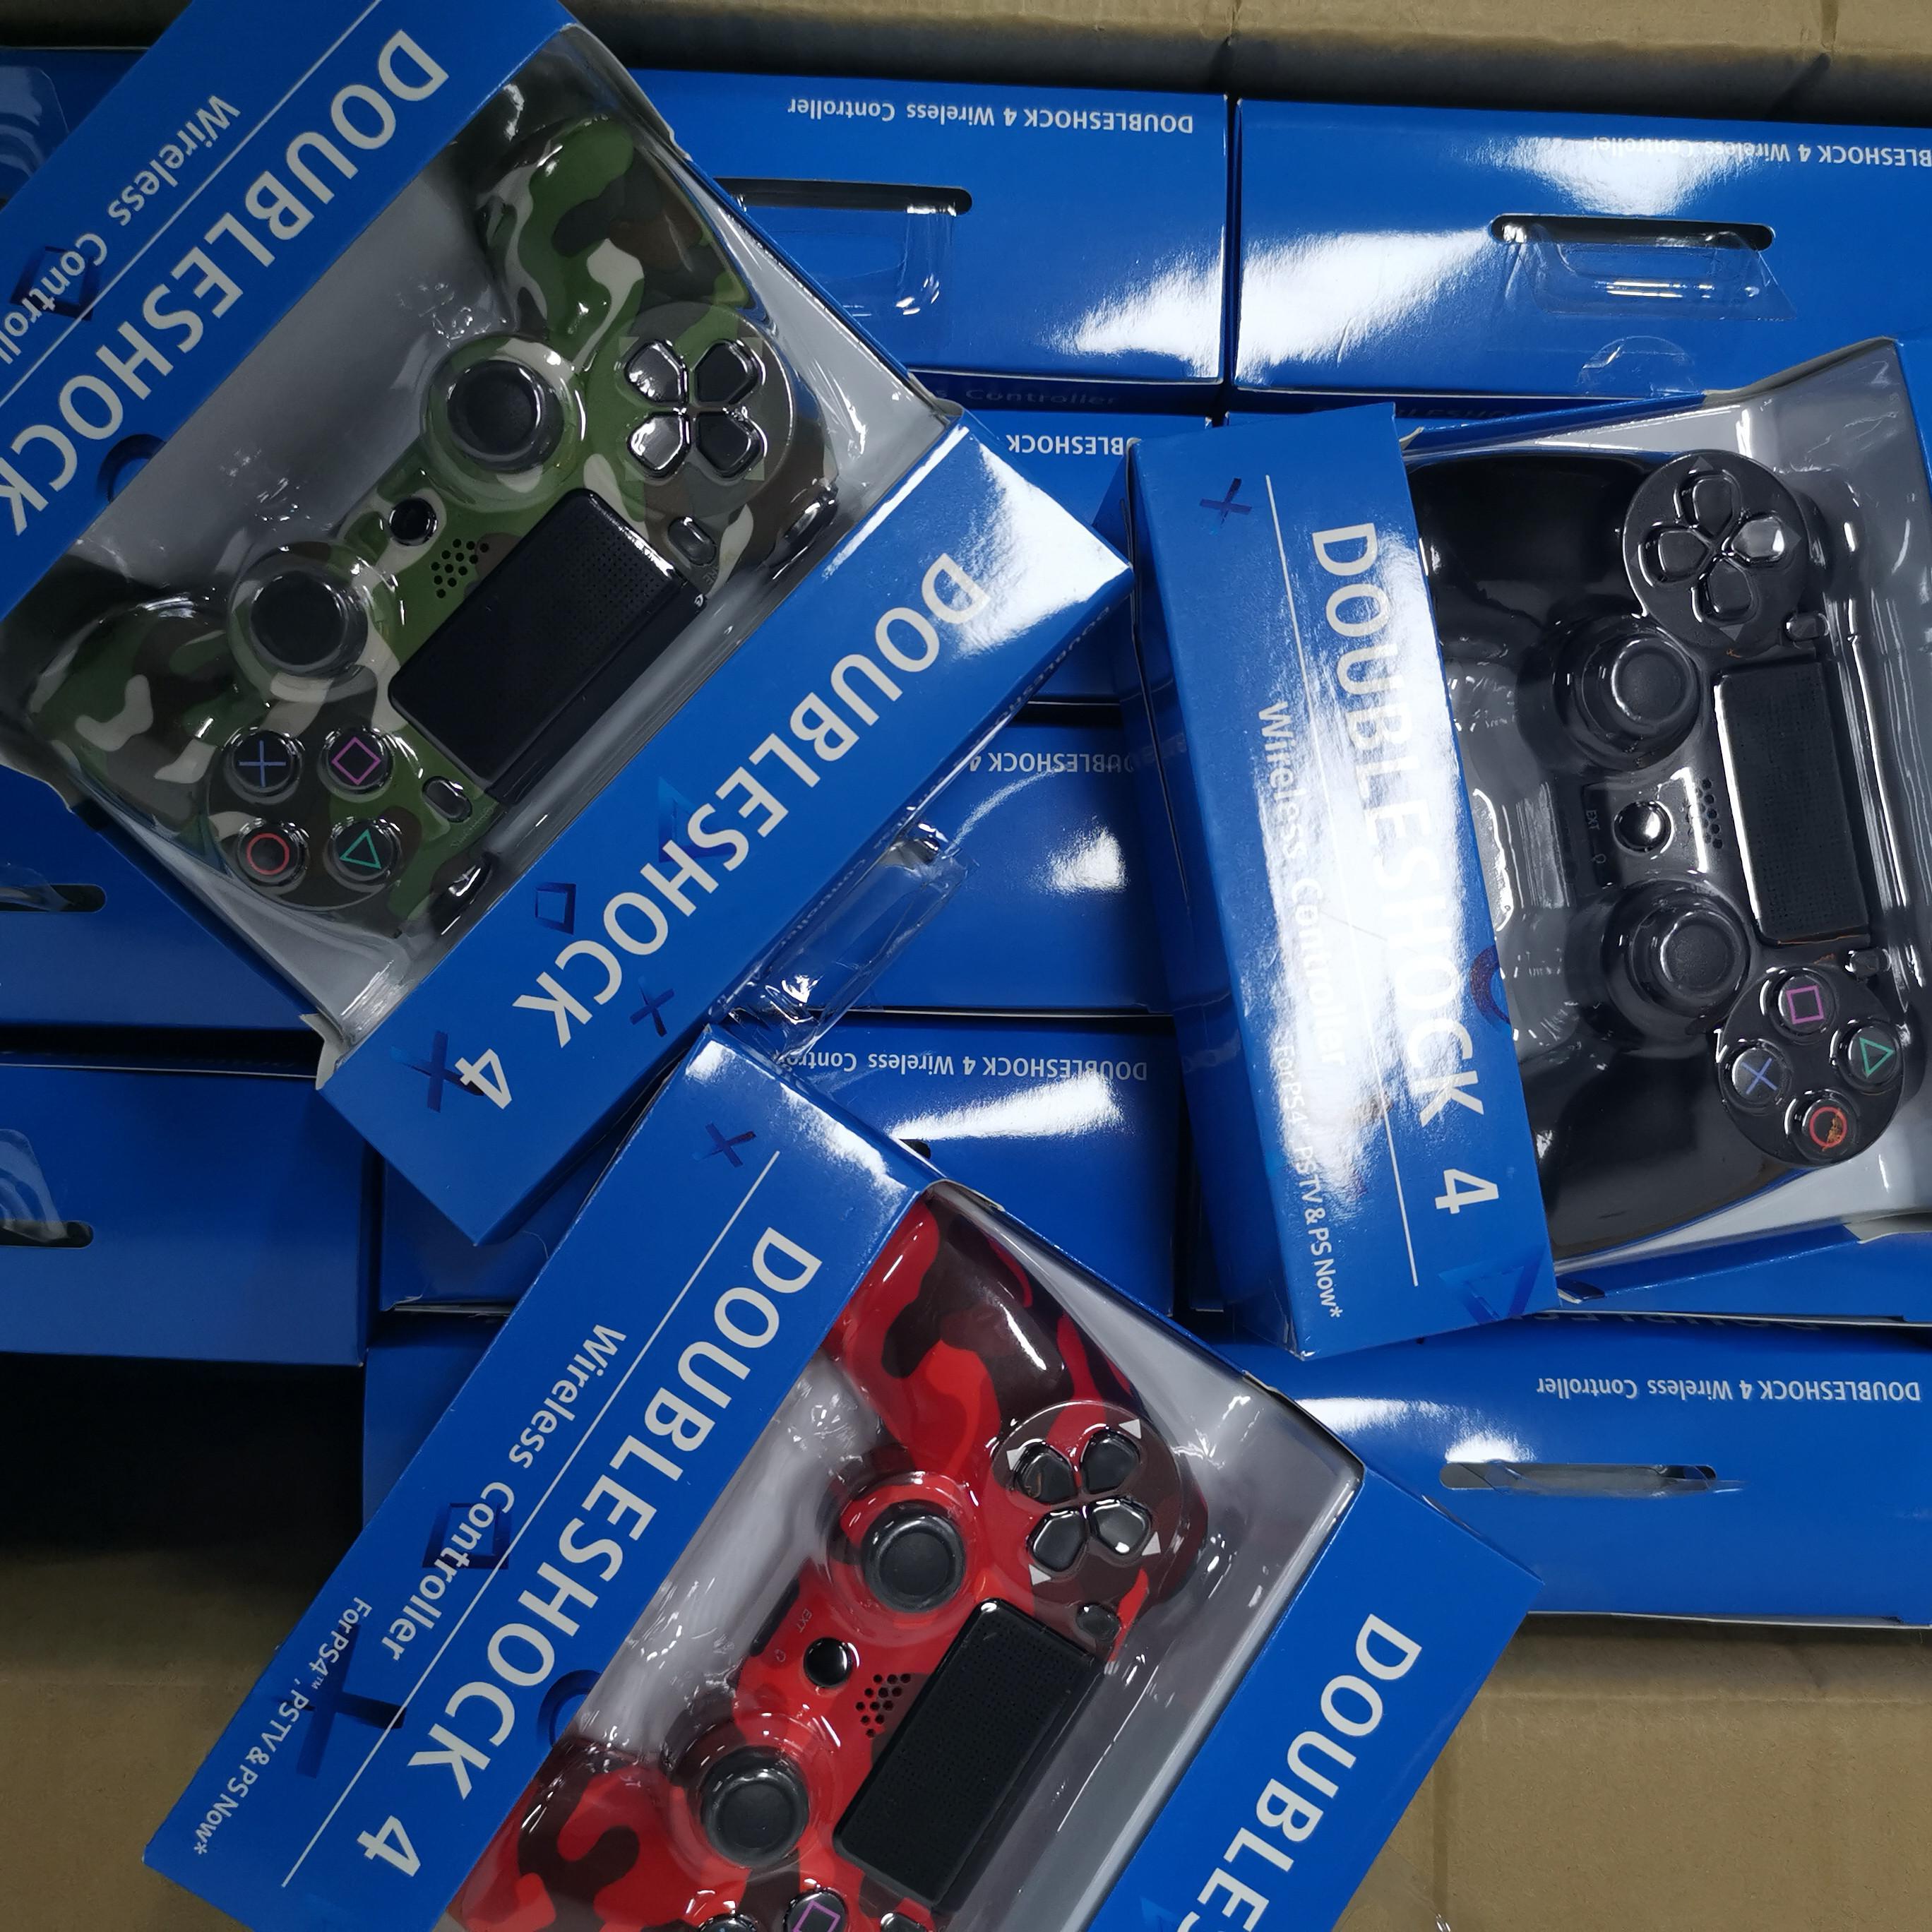 Wireless Bluetooth-Controller für PS4 Vibration Joystick Gamepad Game Controller für Sony Play Station mit Retail Box 23 Farben DHL frei